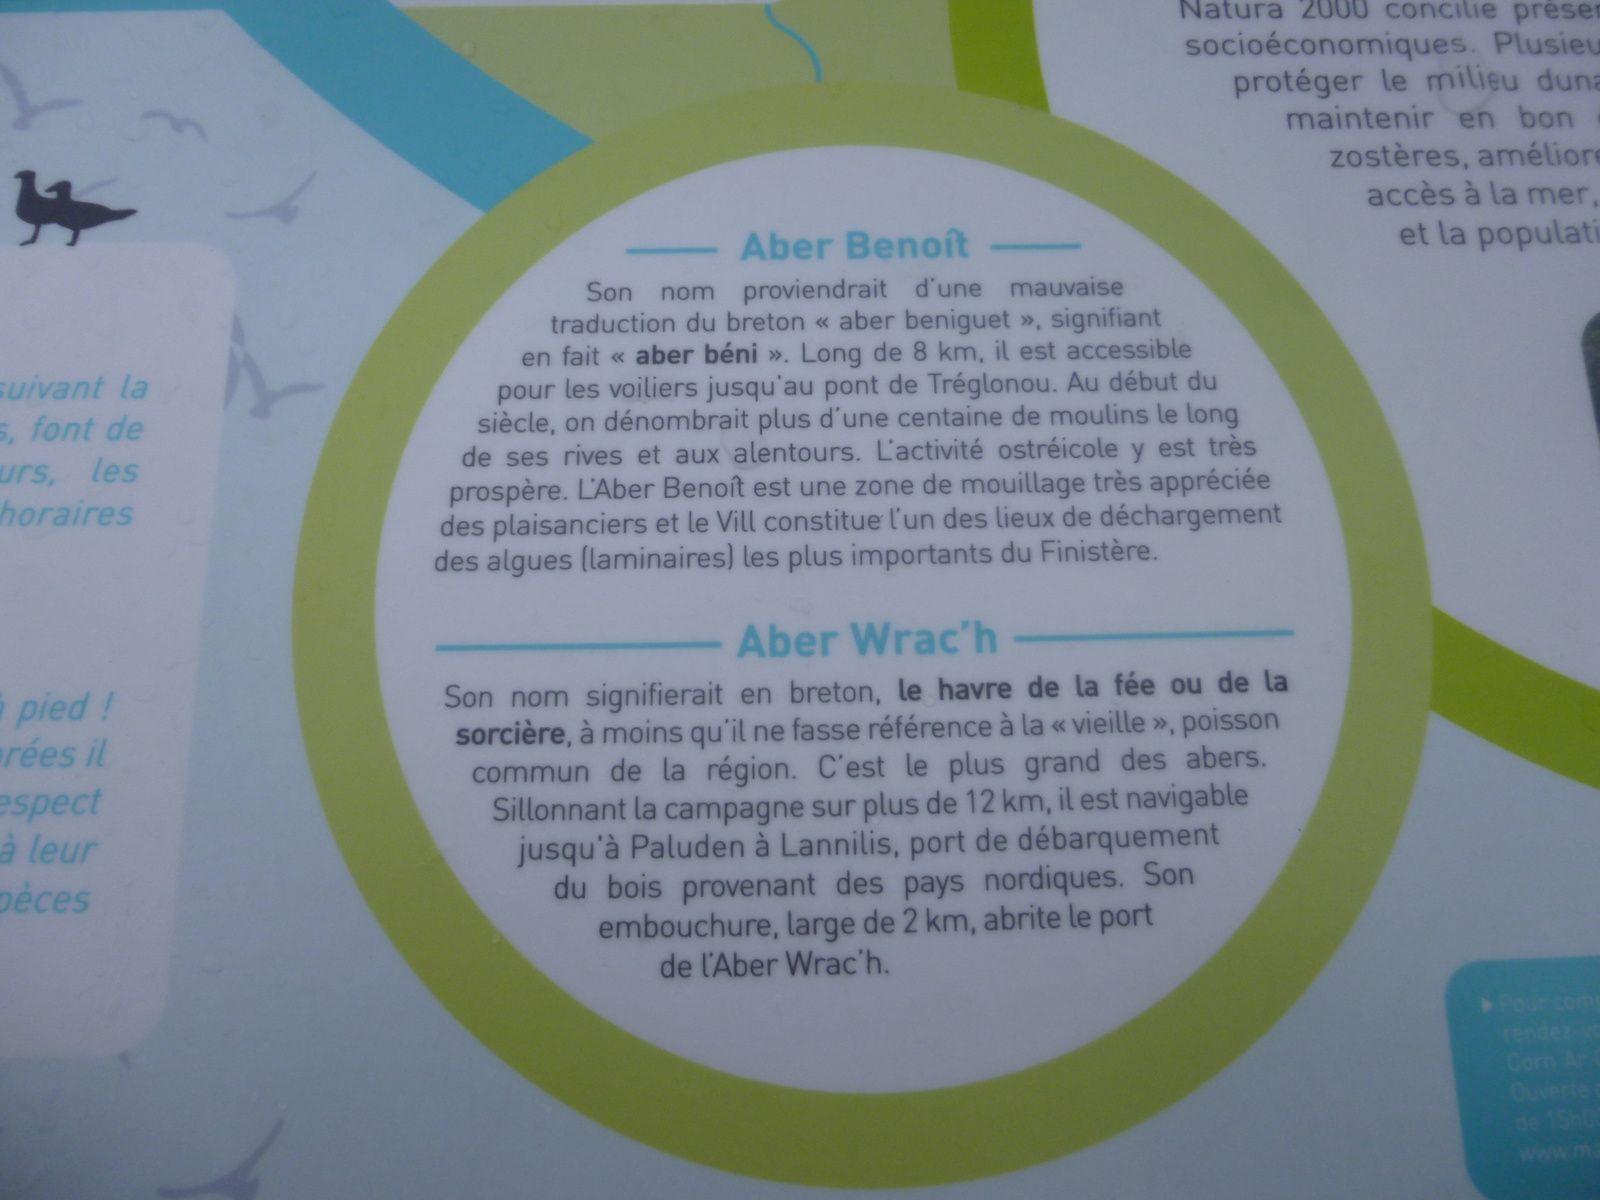 les Abers Wrac'h et Benoît : pour mieux comprendre